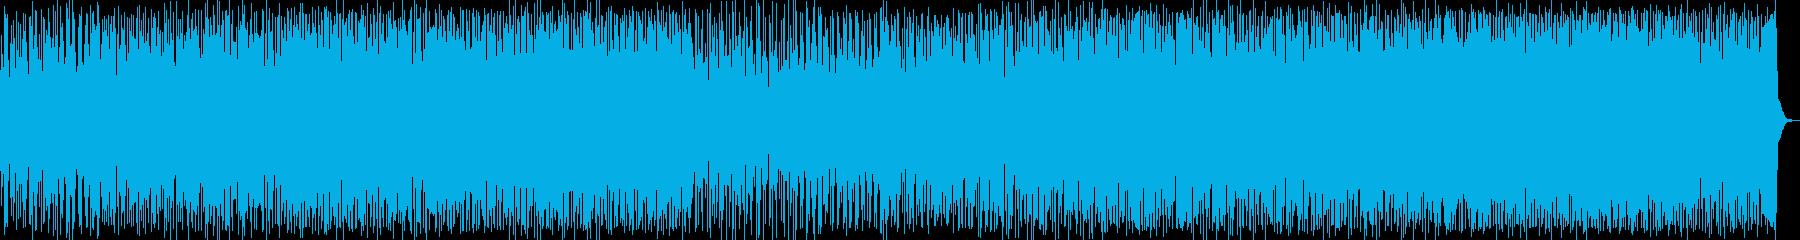 壮大なストリングのある4つ打ちのテクノ音の再生済みの波形